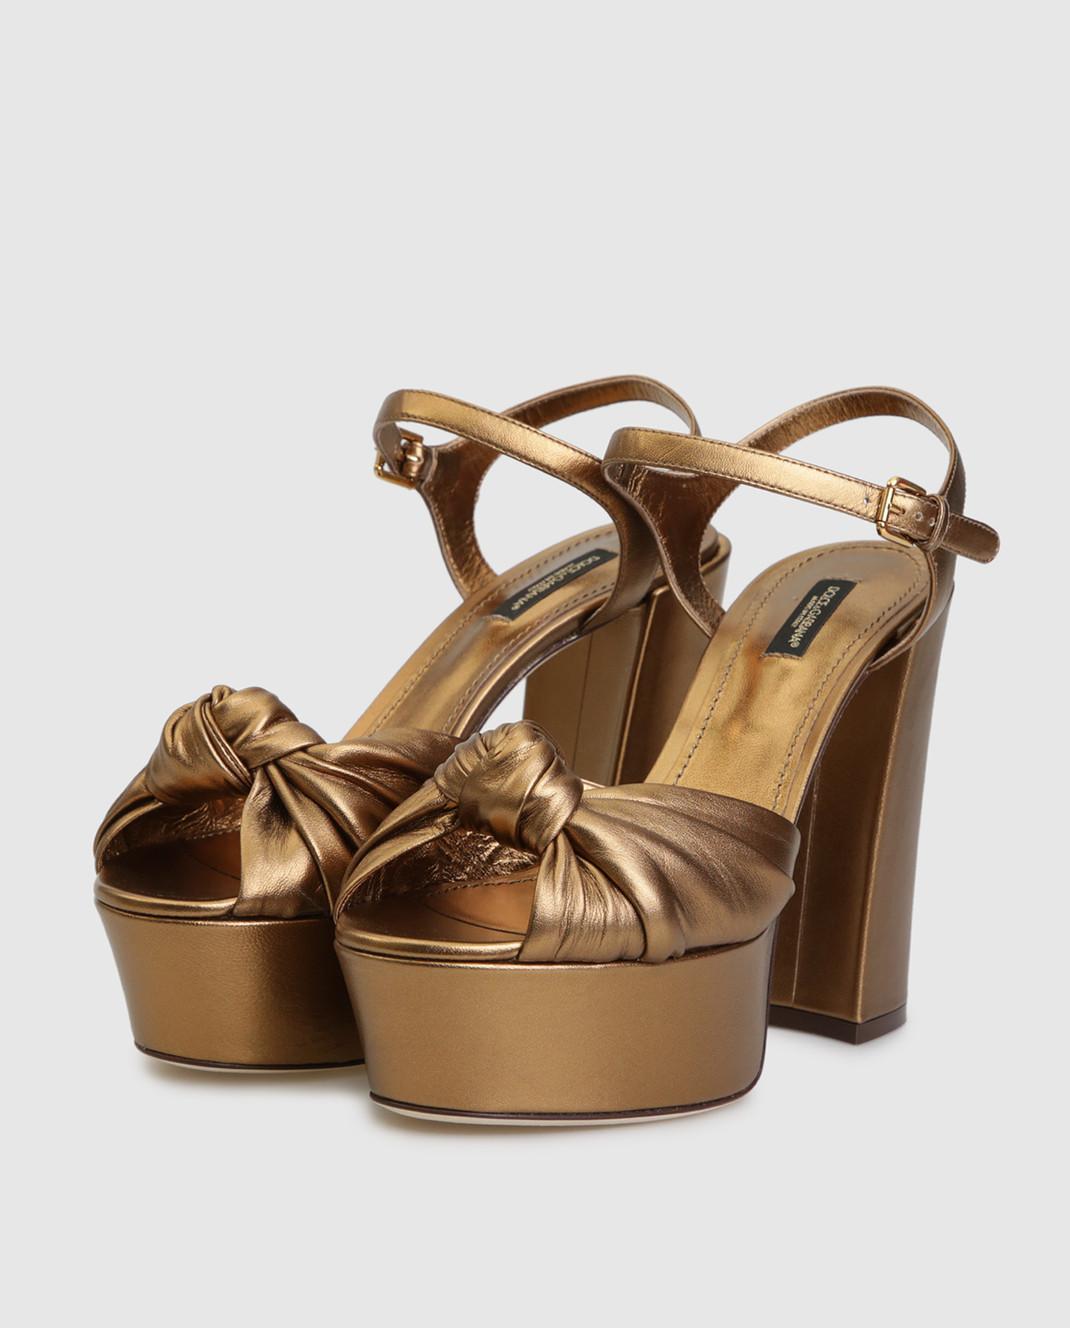 Dolce&Gabbana Золотистые кожаные босоножки CR0695A1016 изображение 3